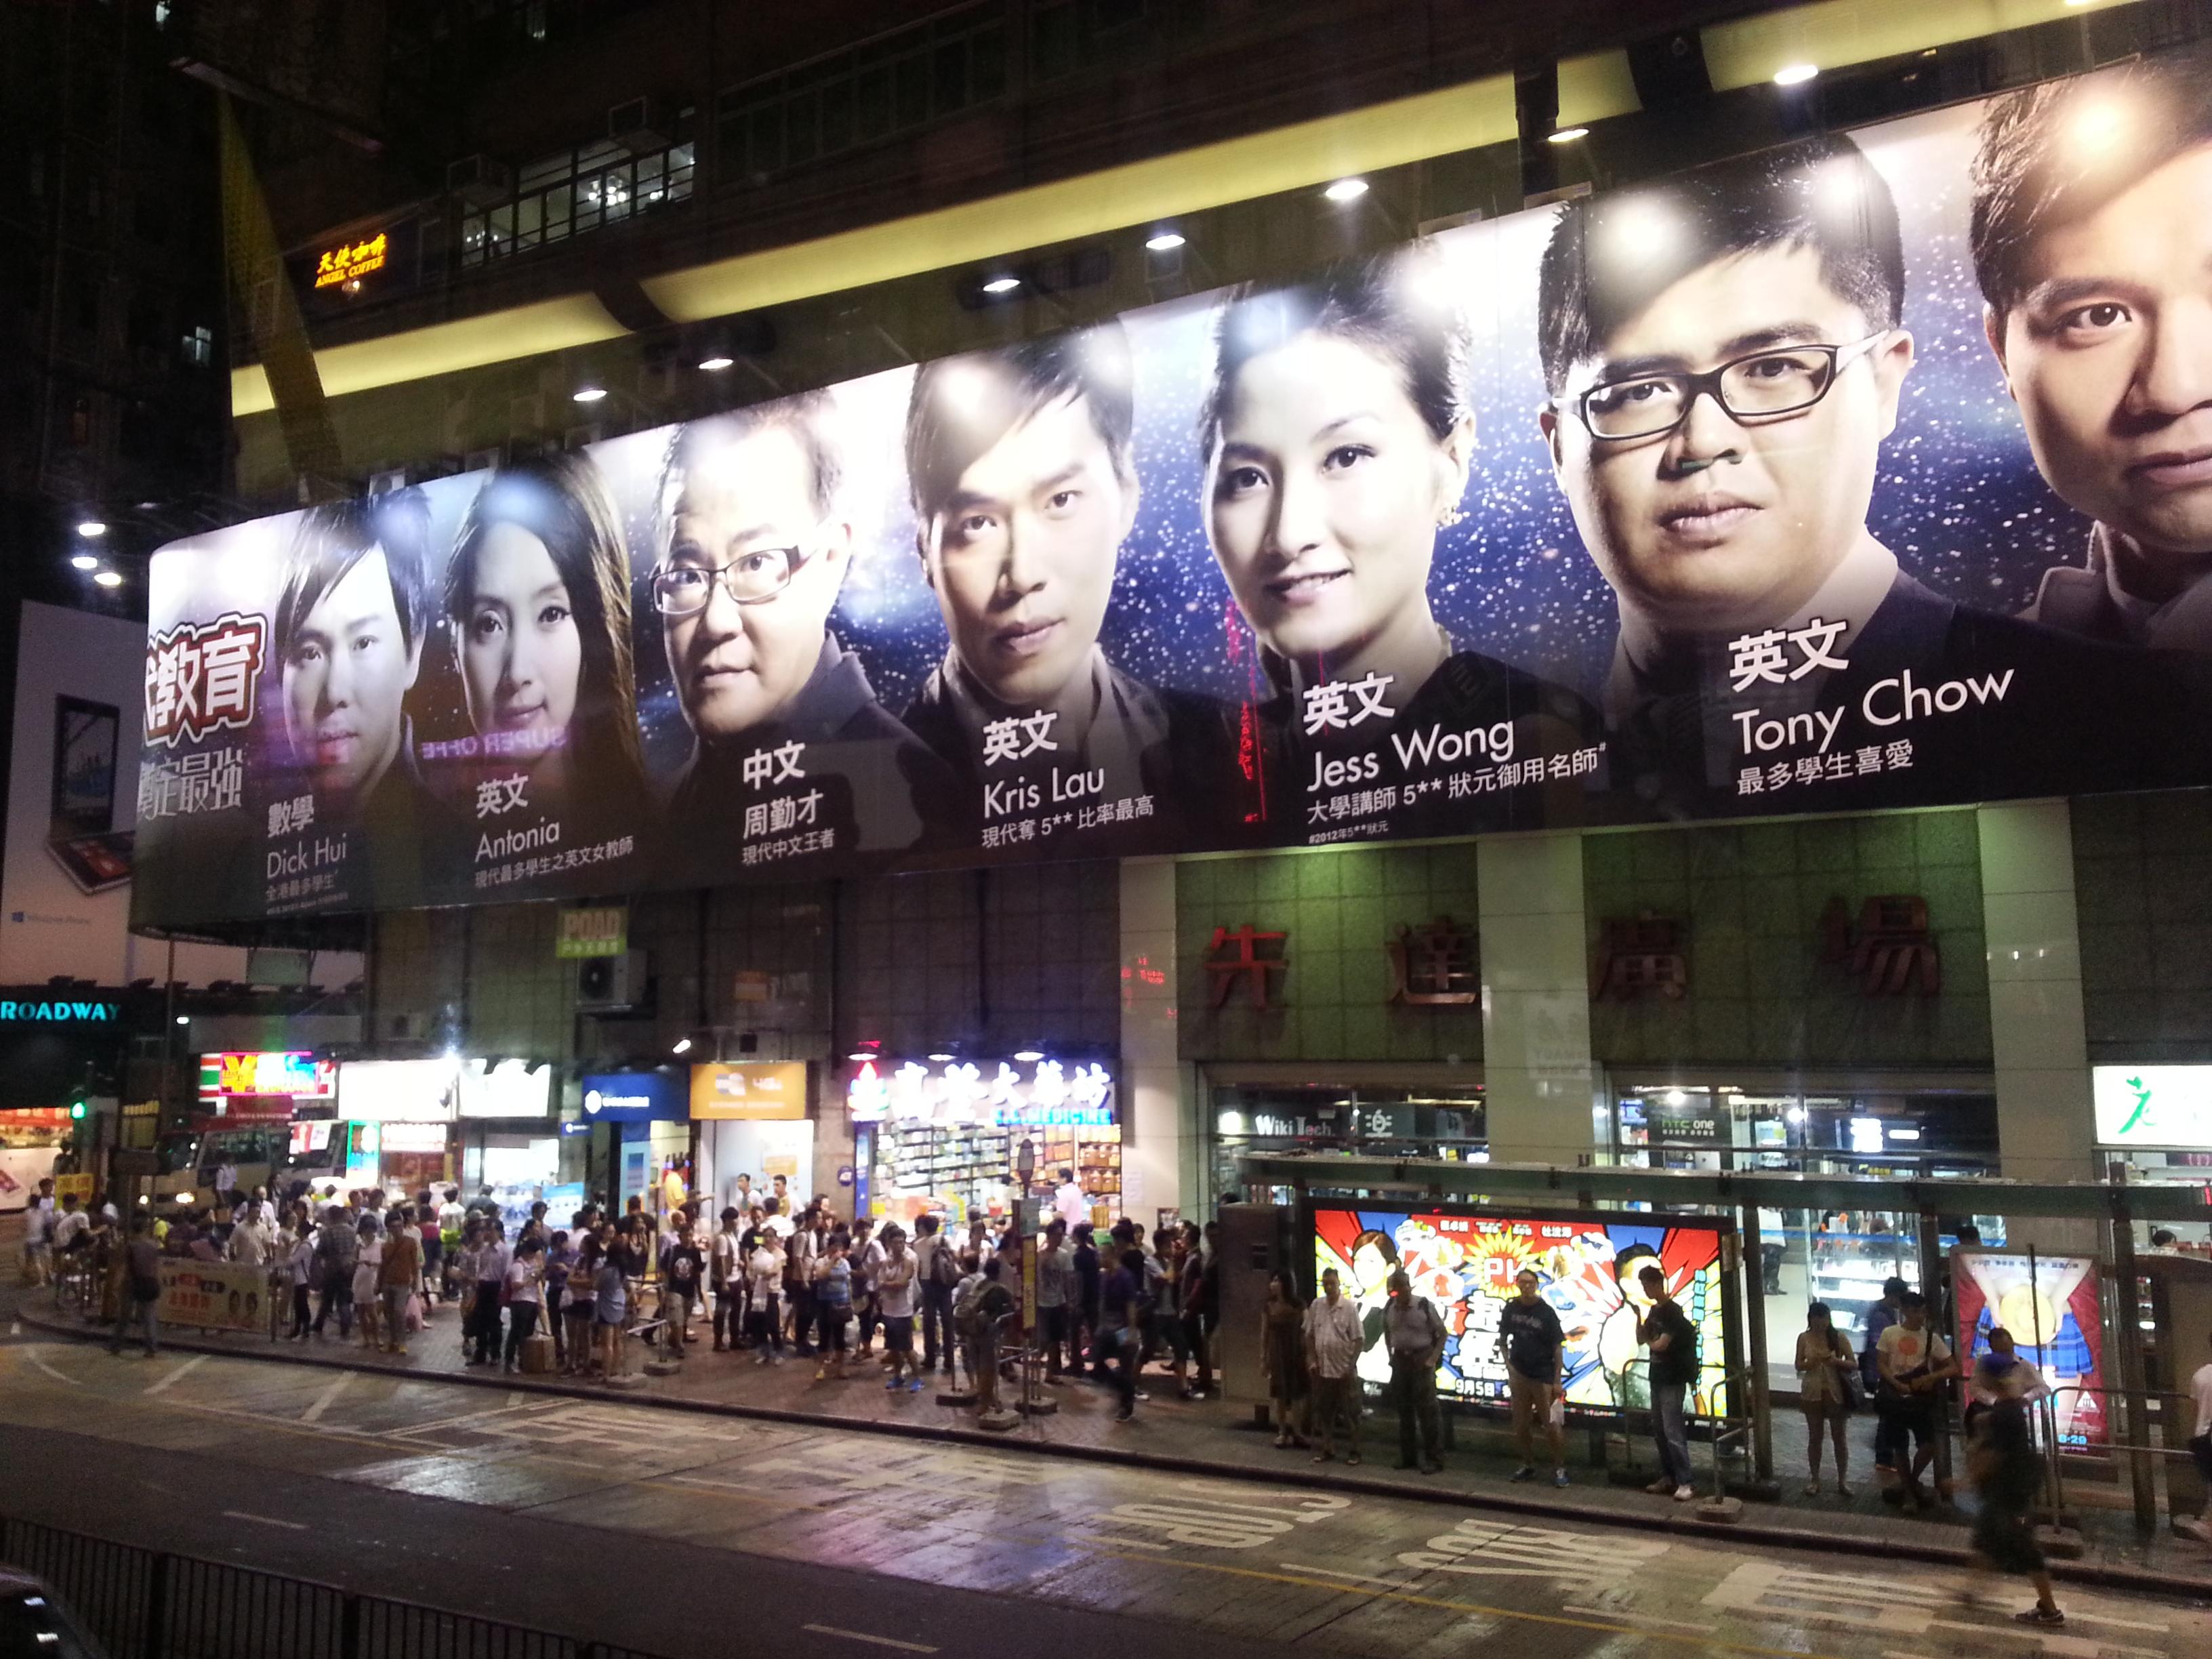 《字裡人間》: 一生 | 葉七城 | 香港獨立媒體網